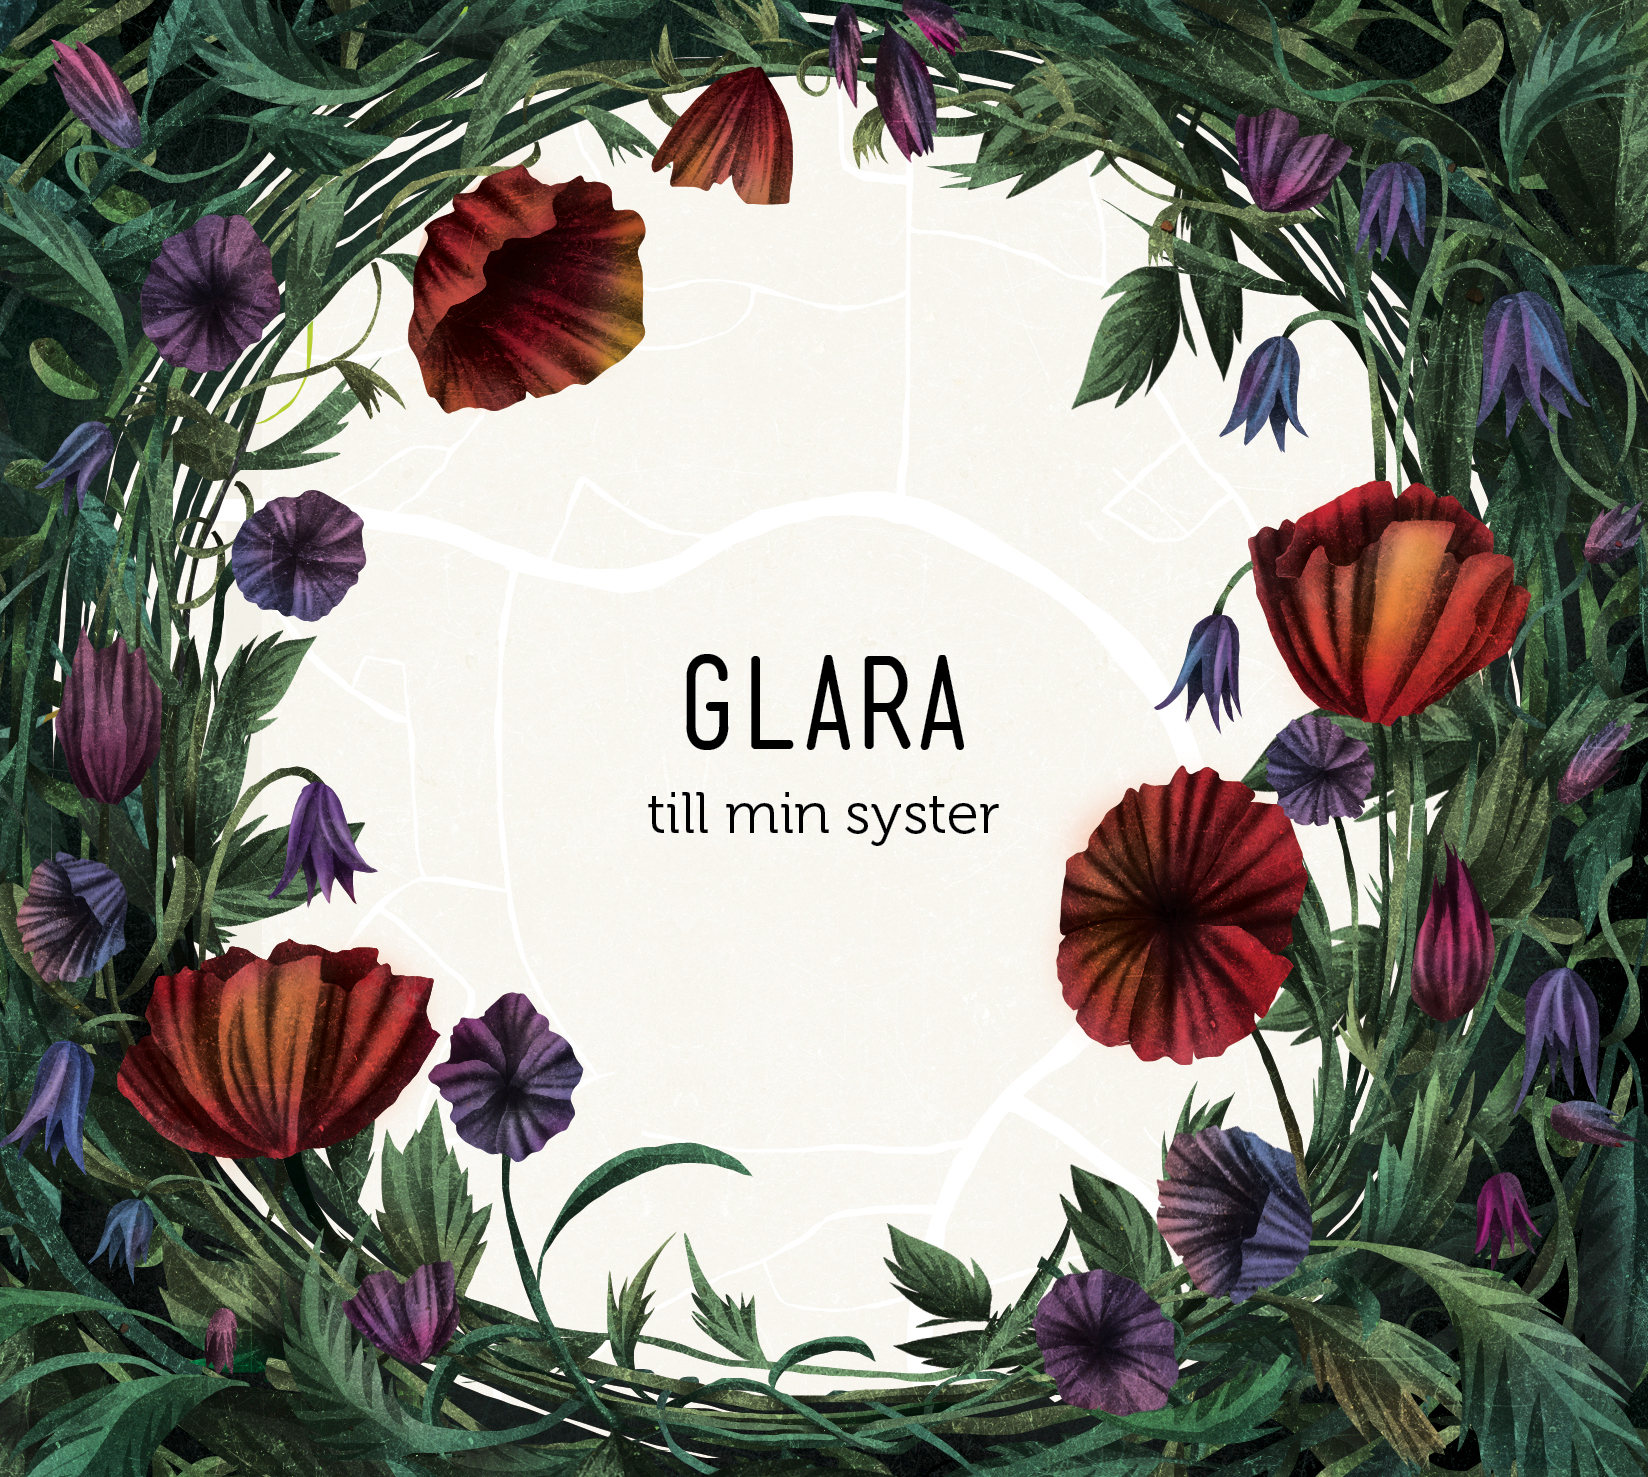 Glara - Till min syster